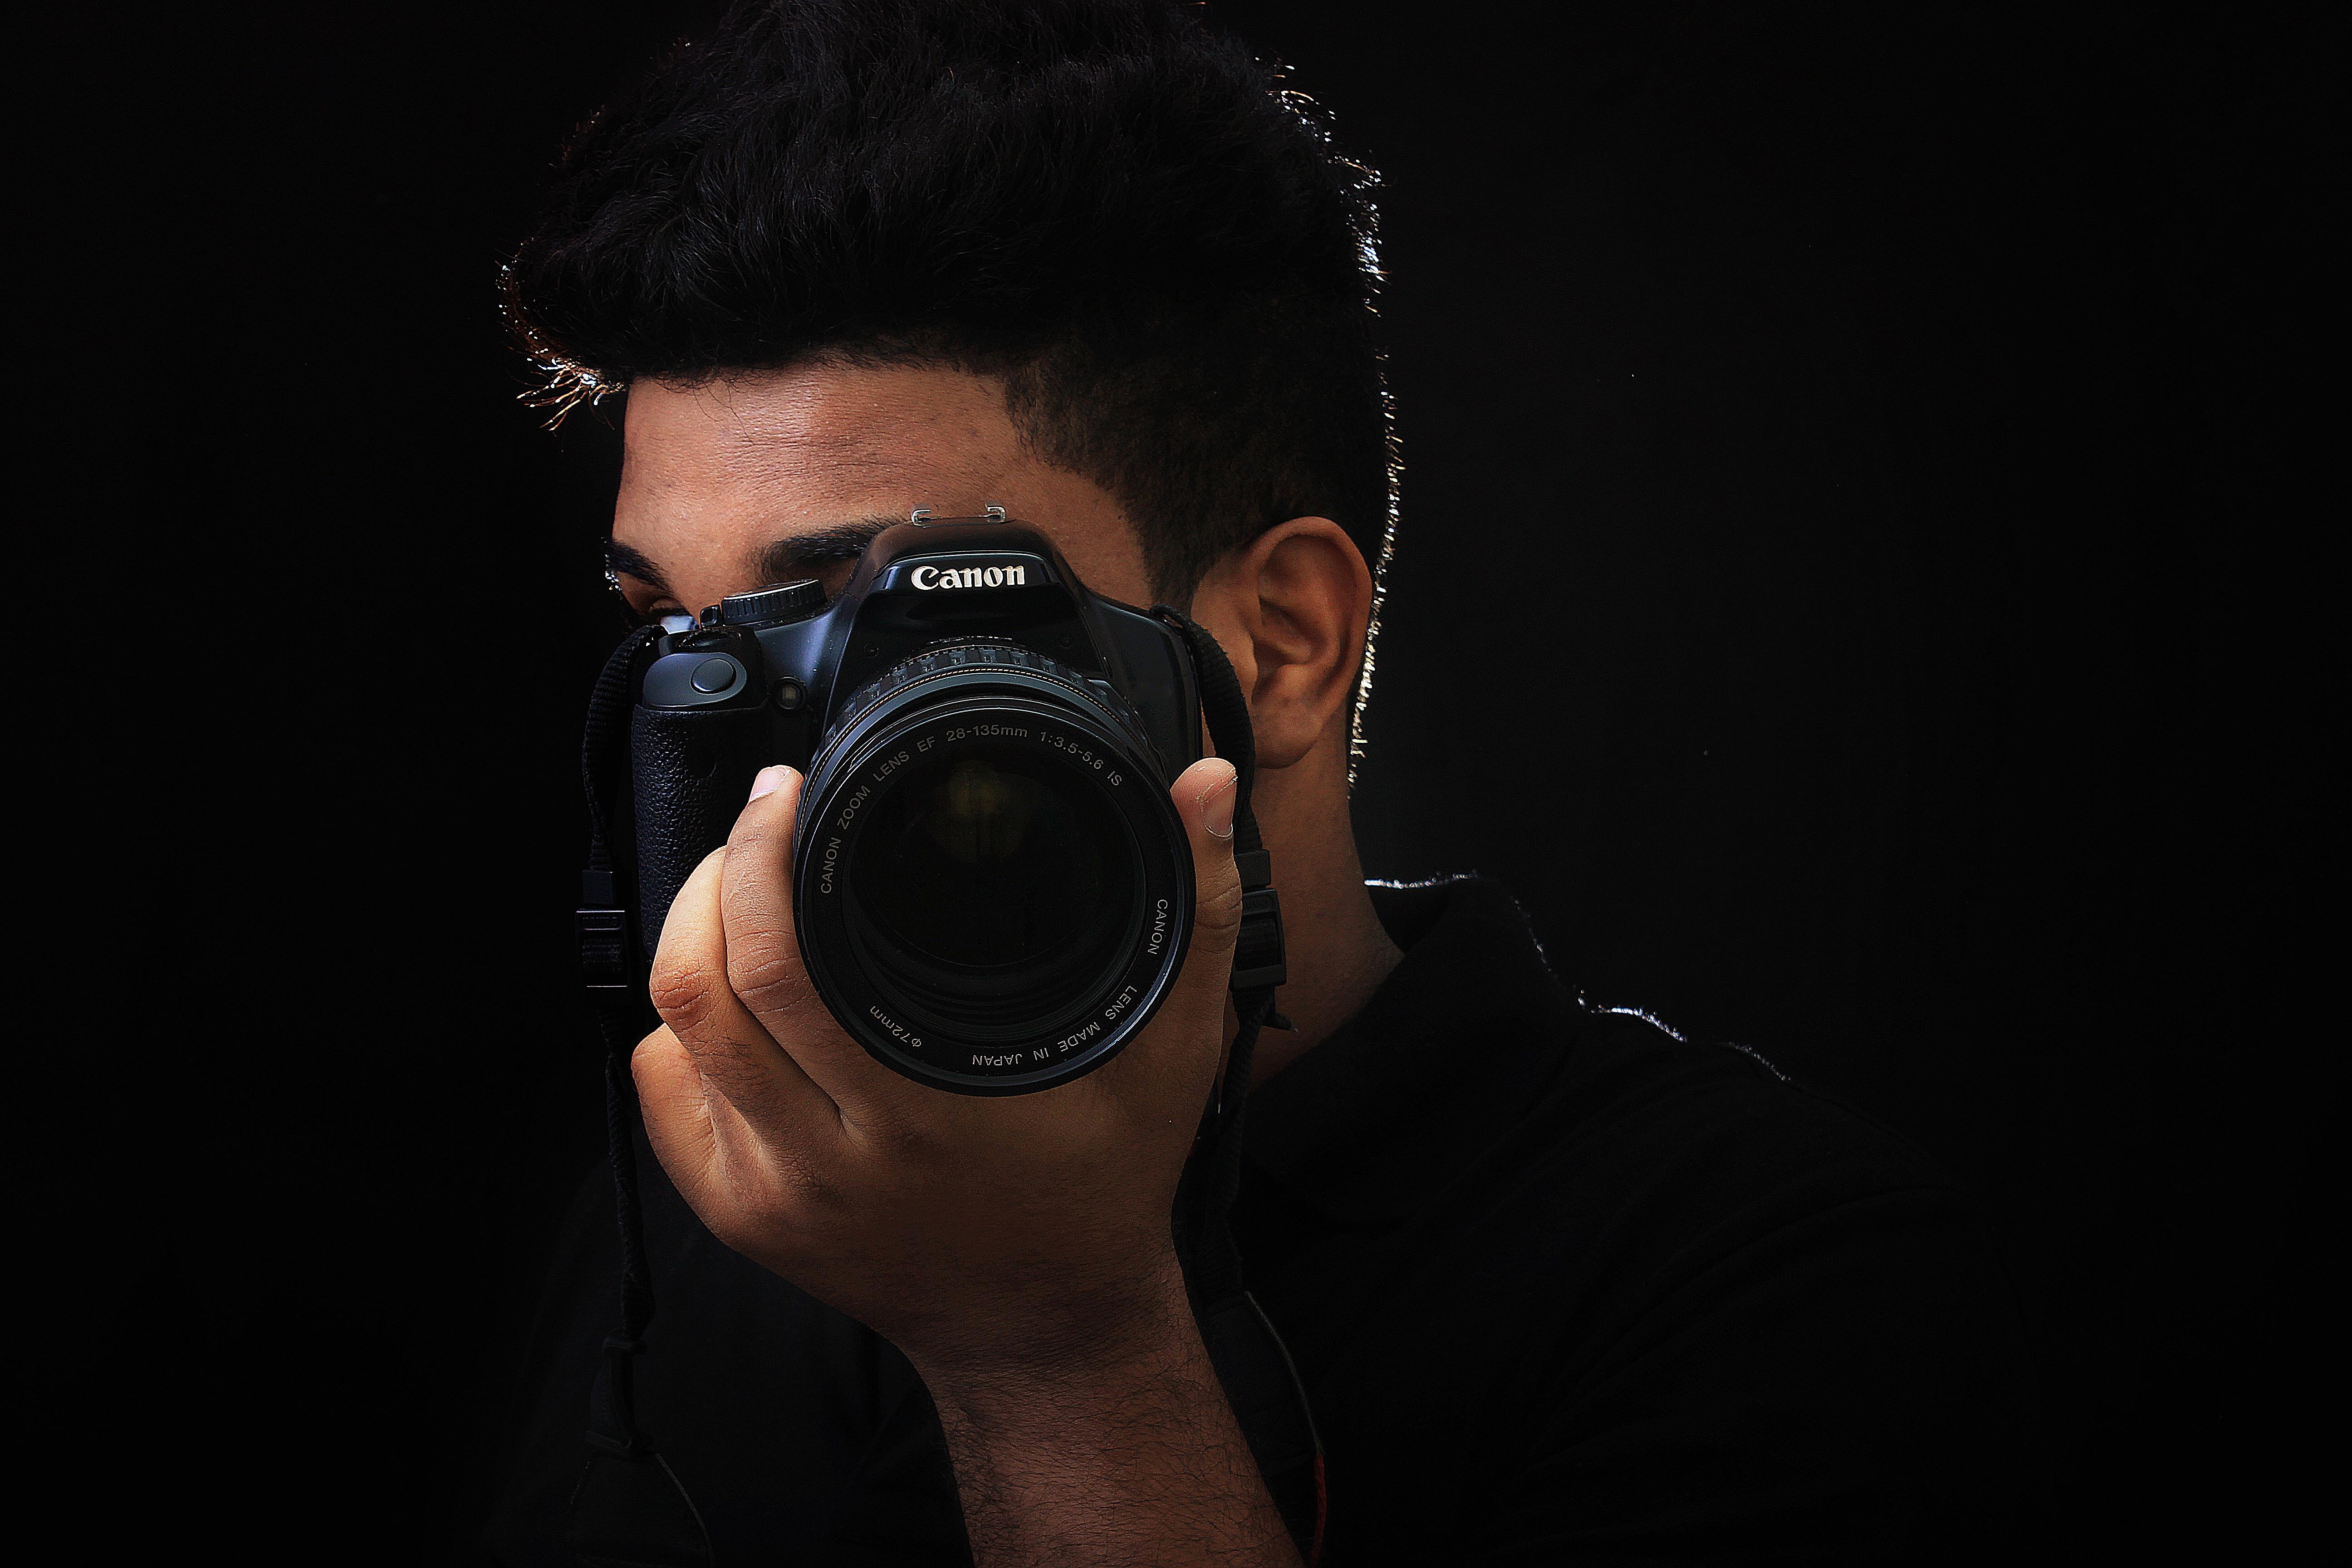 Услуги фотографа в москве, лучшие фотографы - сайт профессиональных фотографов на youdo